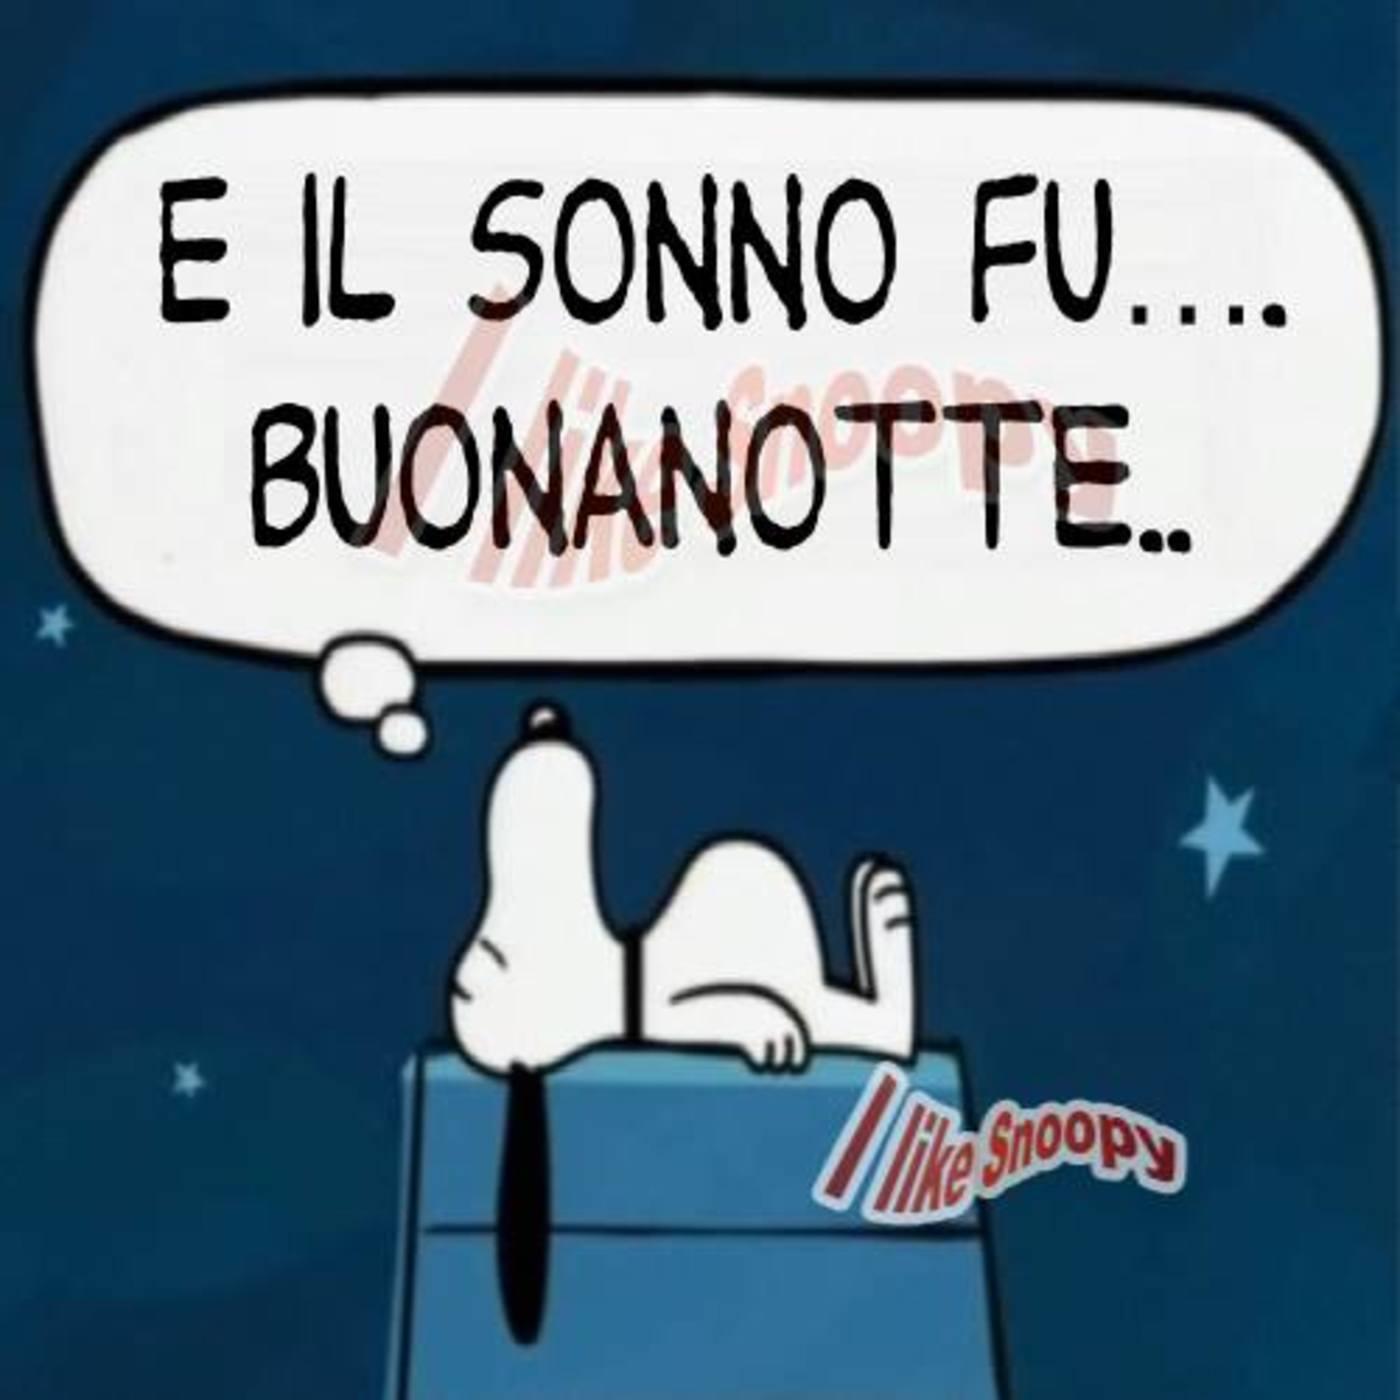 Buonanotte Divertente Con Snoopy 324 Buongiorno Immagini It